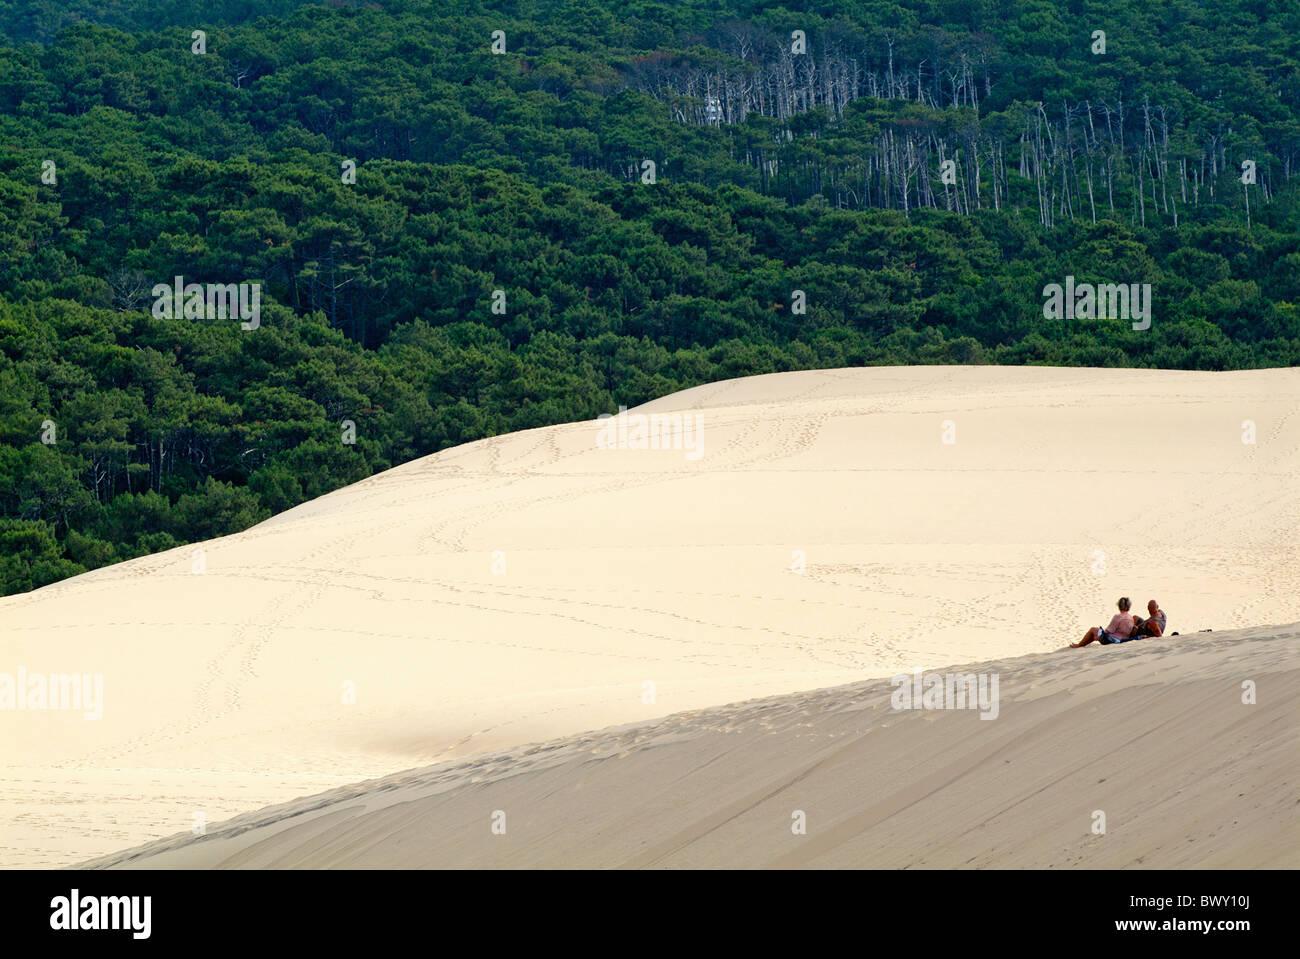 Les touristes assis sur la Dune du Pyla avec la forêt des Landes visible à l'arrière-plan, la Photo Stock